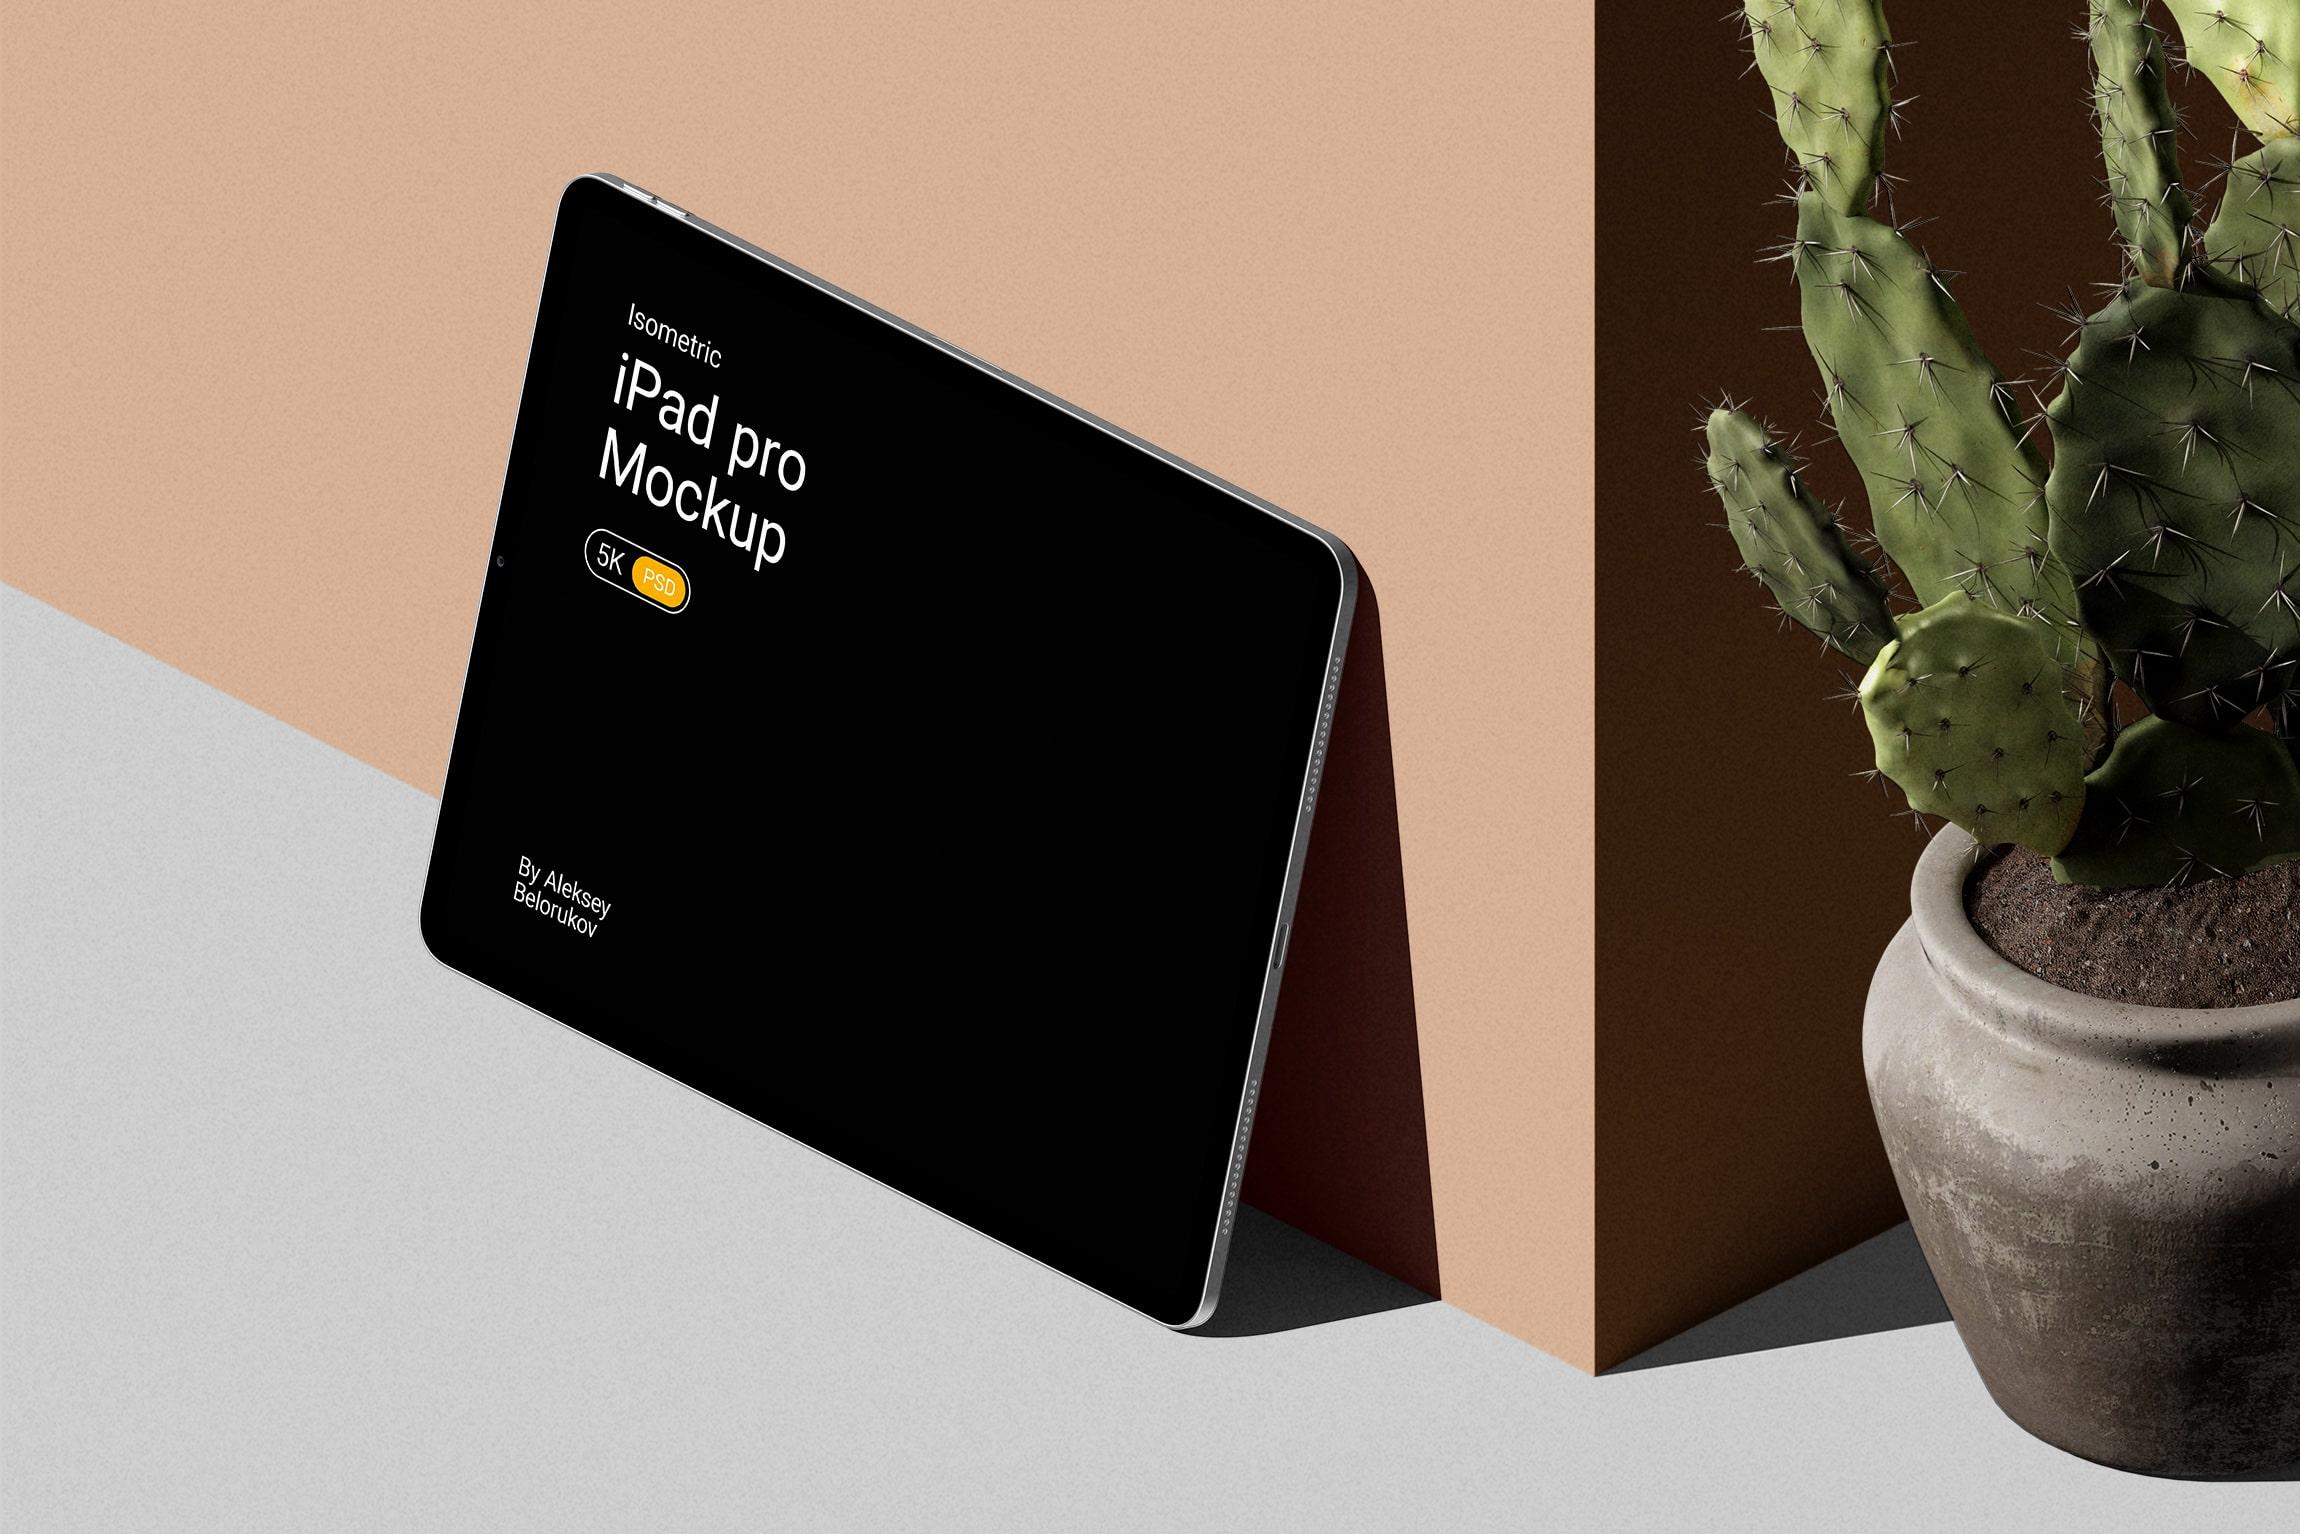 [单独购买] 16款时尚等距APP界面设计苹果设备屏幕演示场景样机模板套装 Device Pack Mockups – Isometric插图11